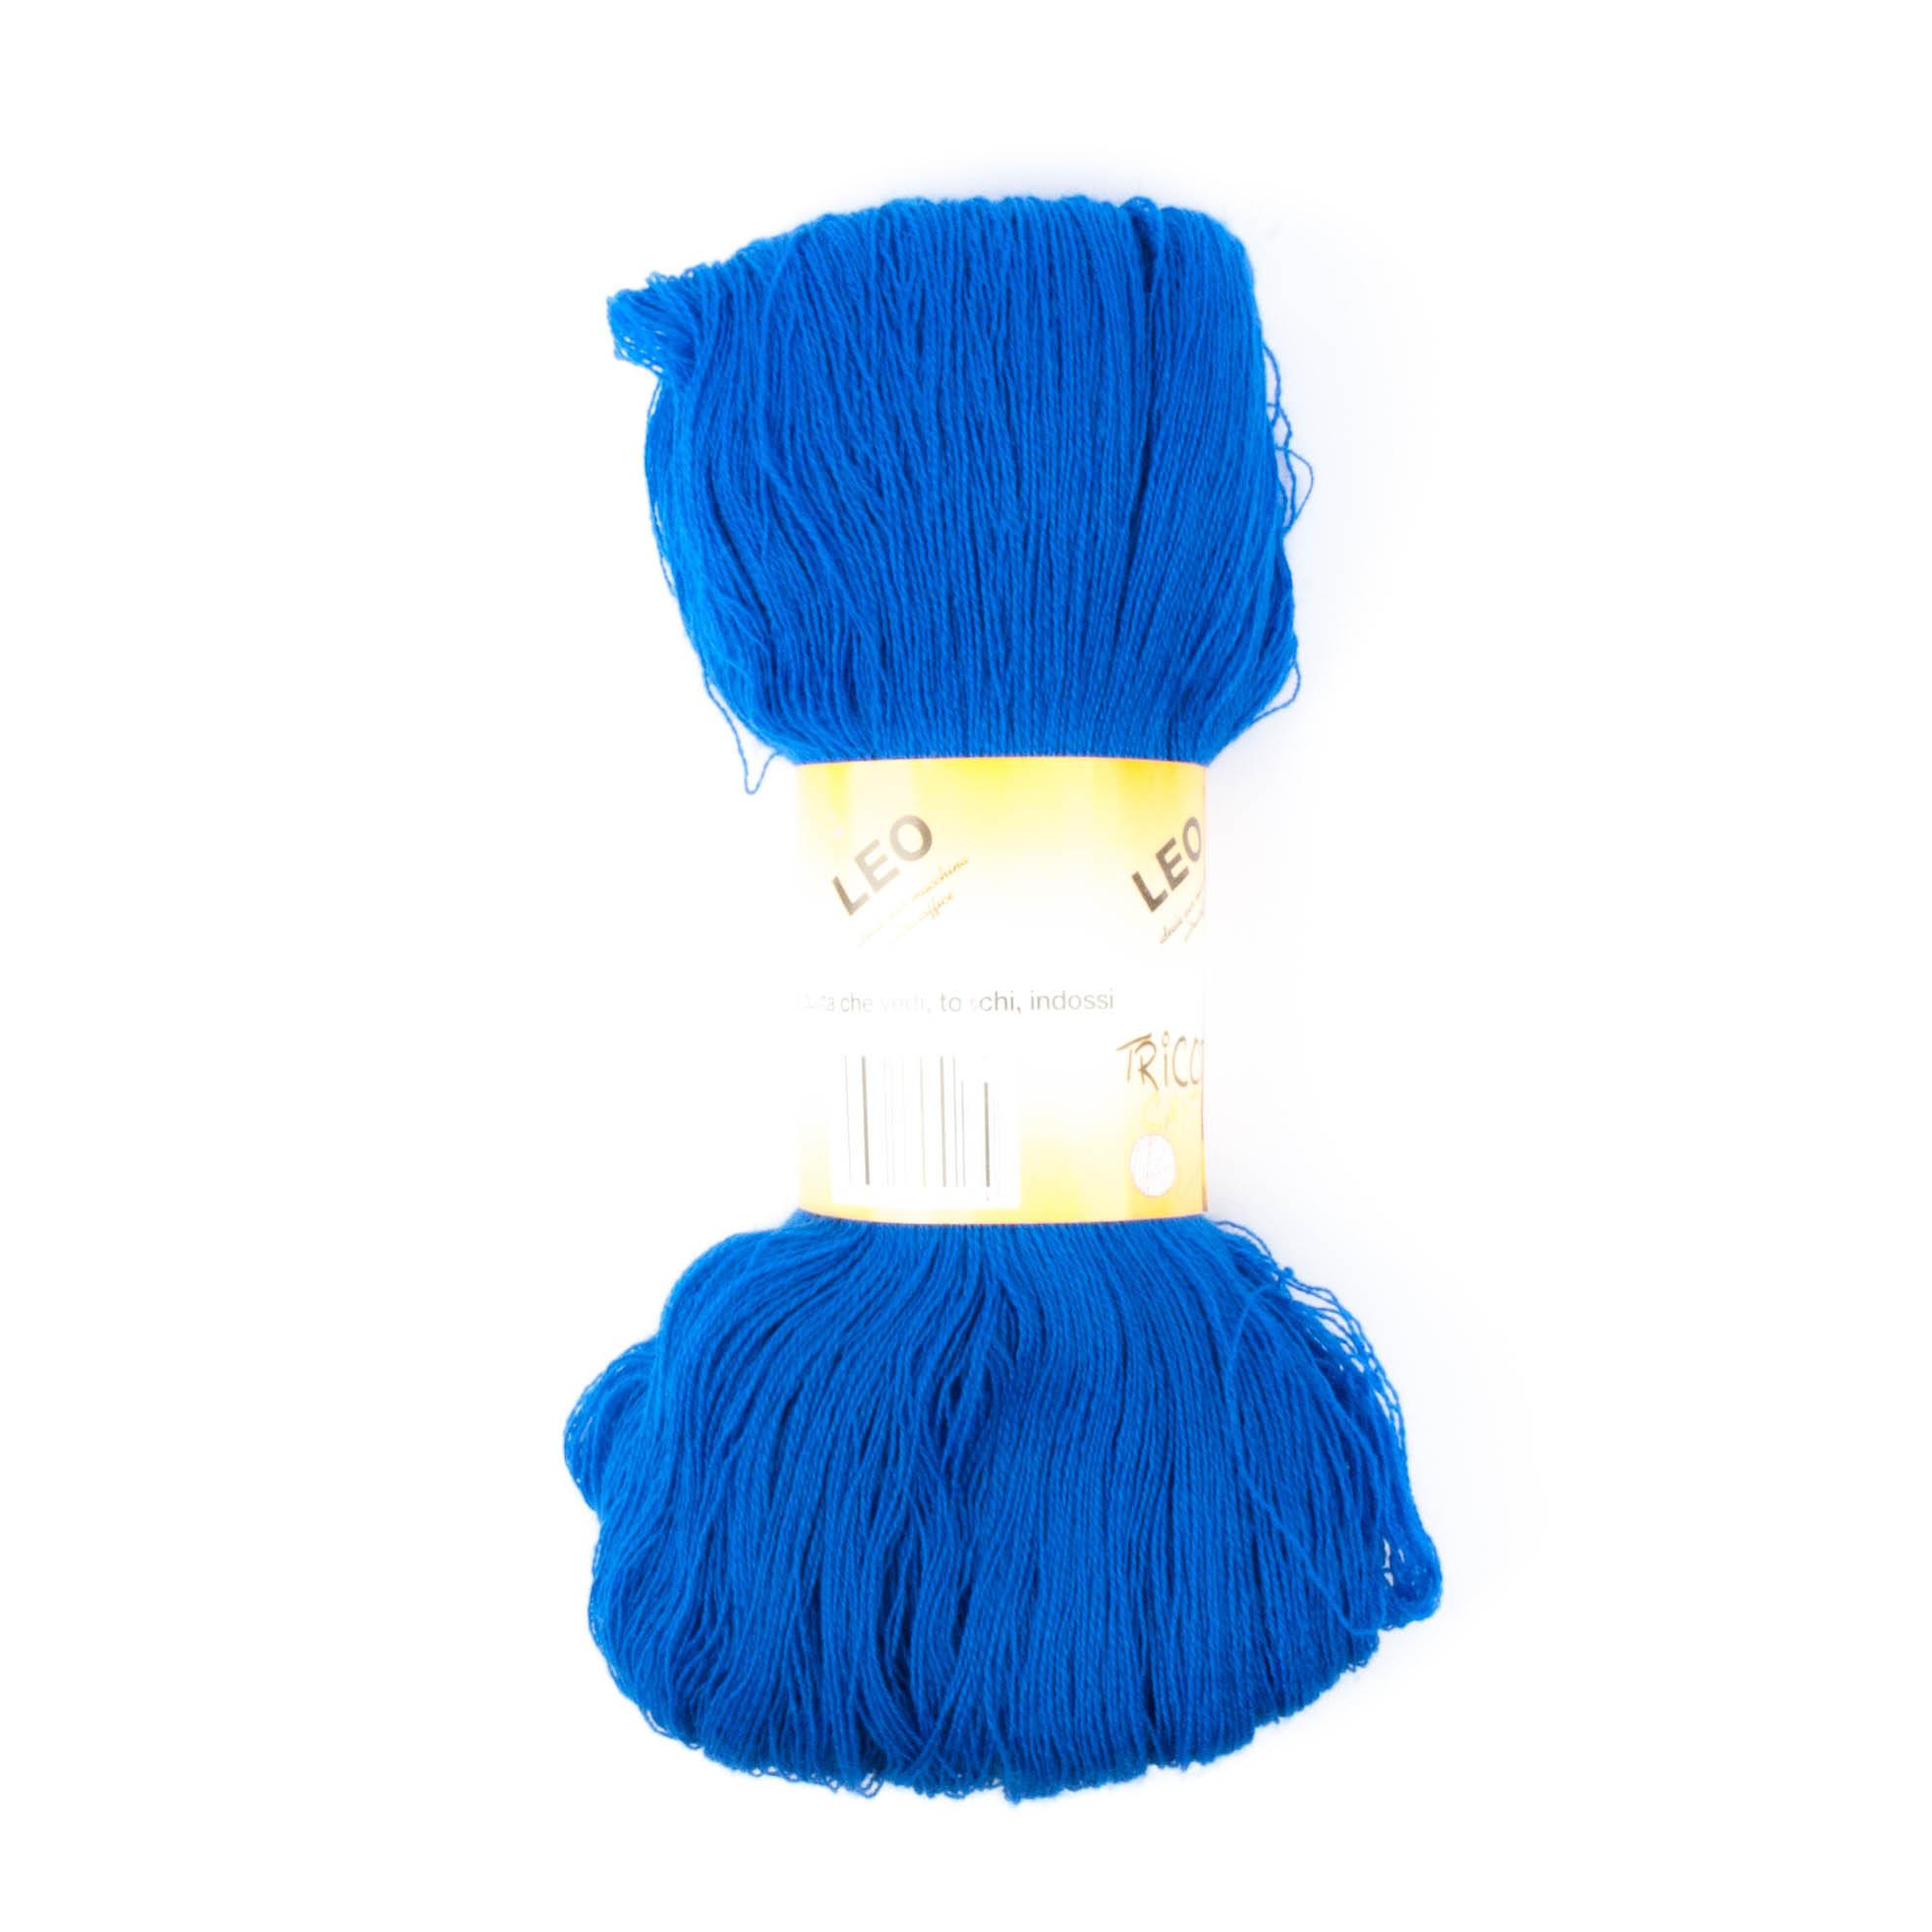 Leo - Matassa misto lana ideale per lavori a mano e macchina - Bluette 22